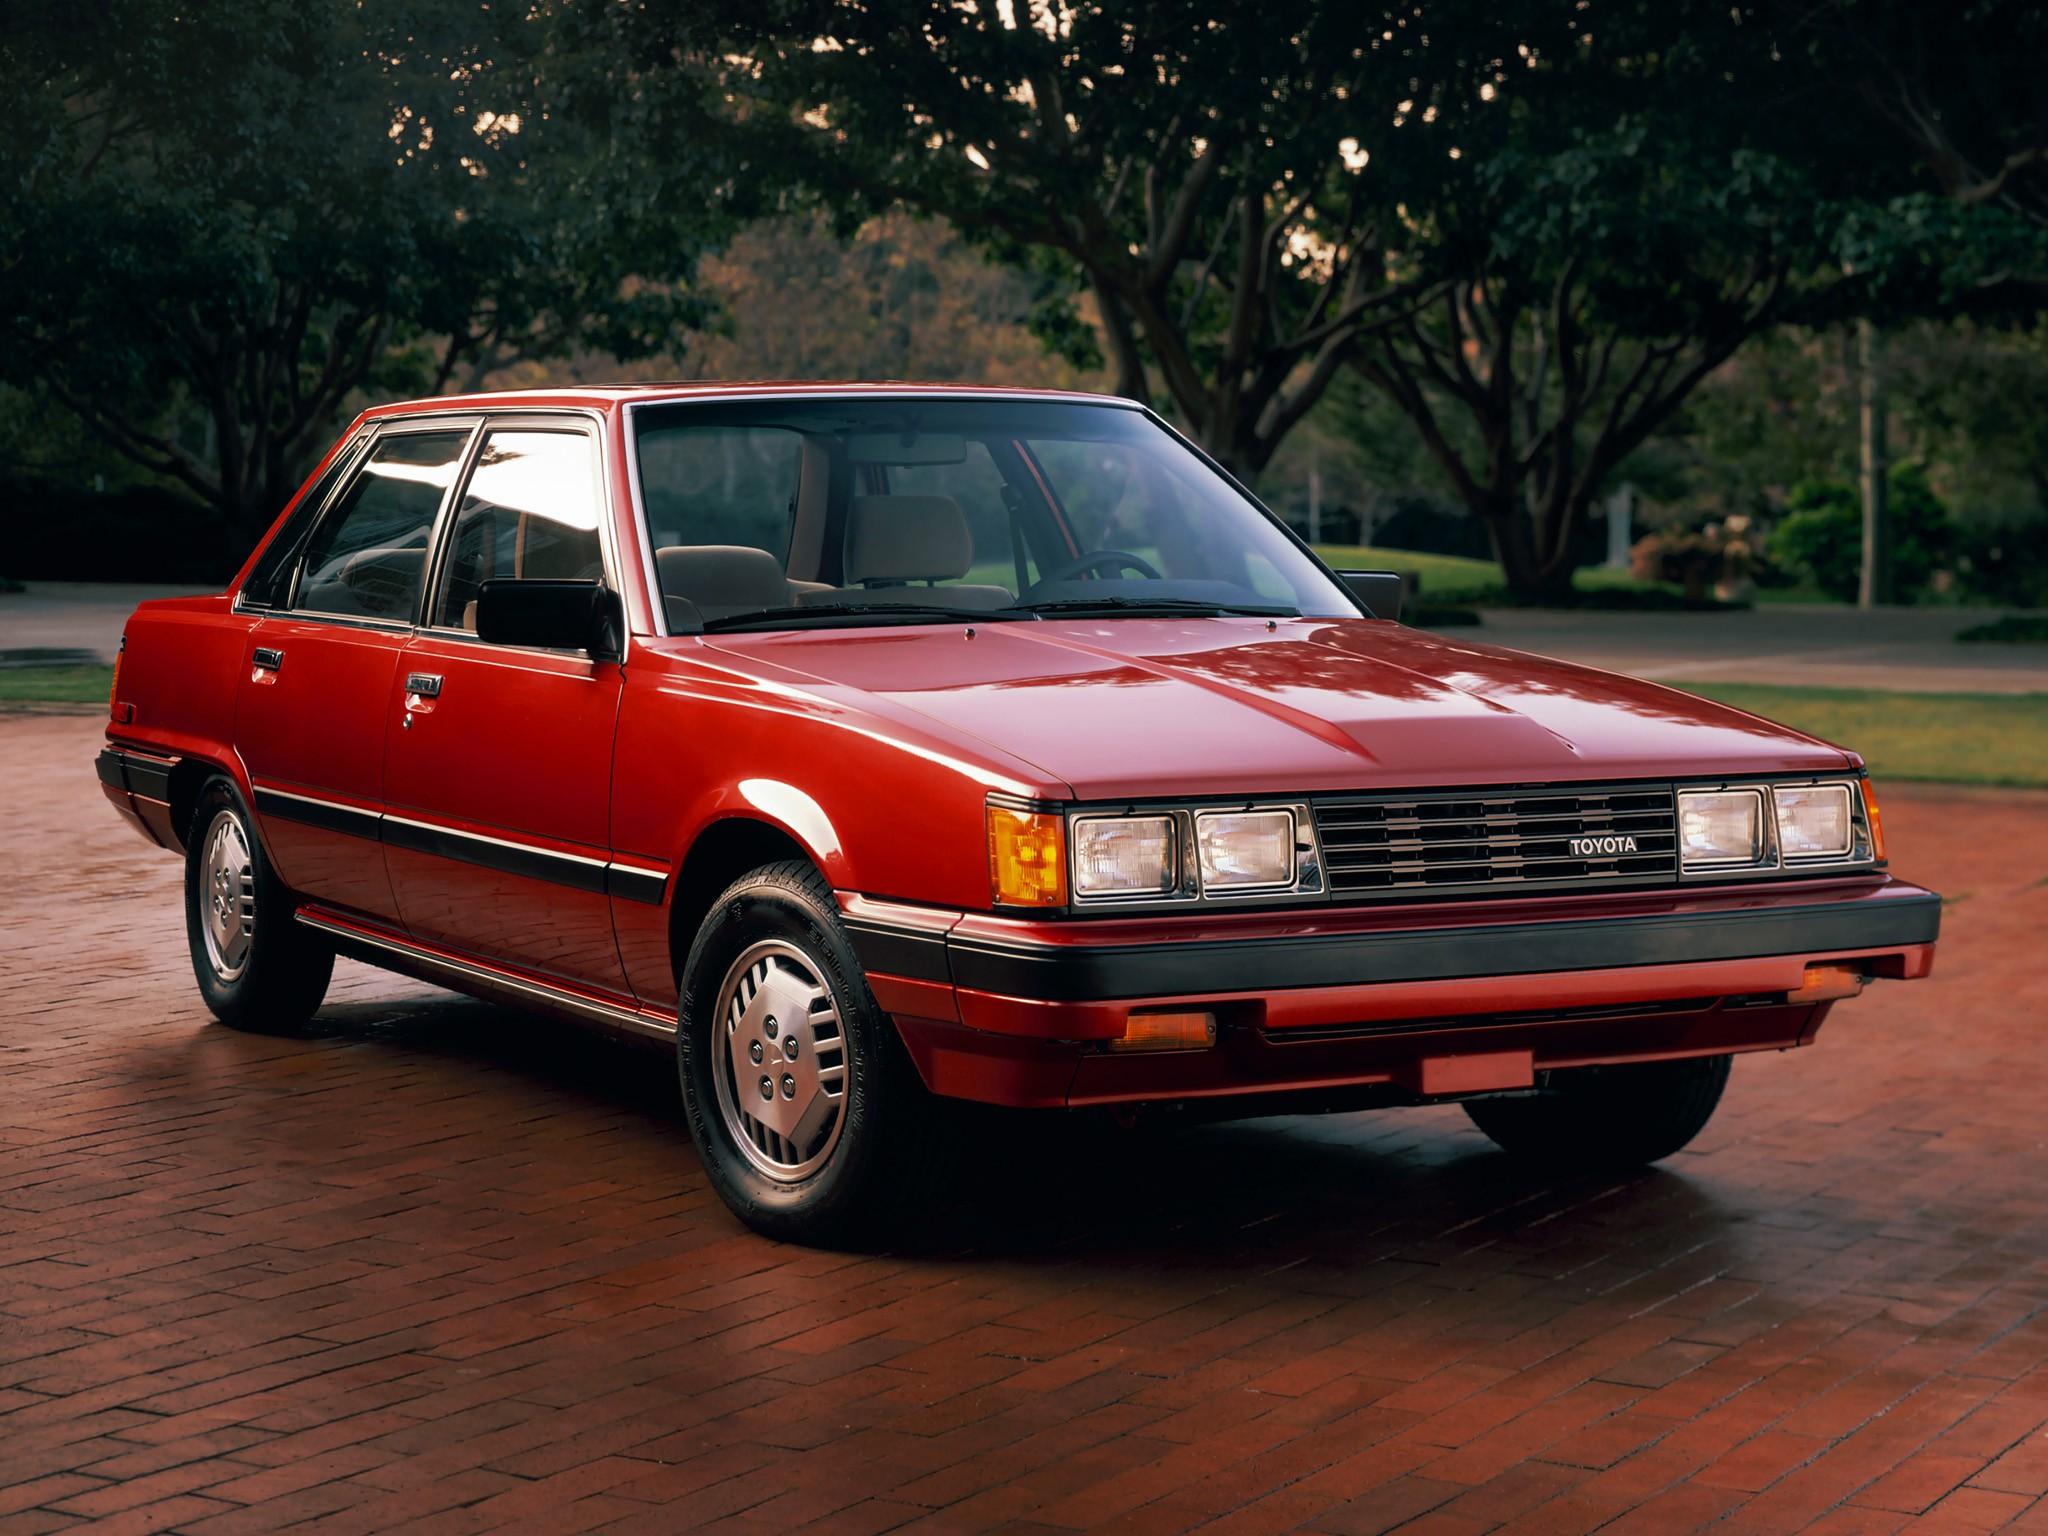 Toyota Camry Specs Amp Photos 1983 1984 1985 1986 1987